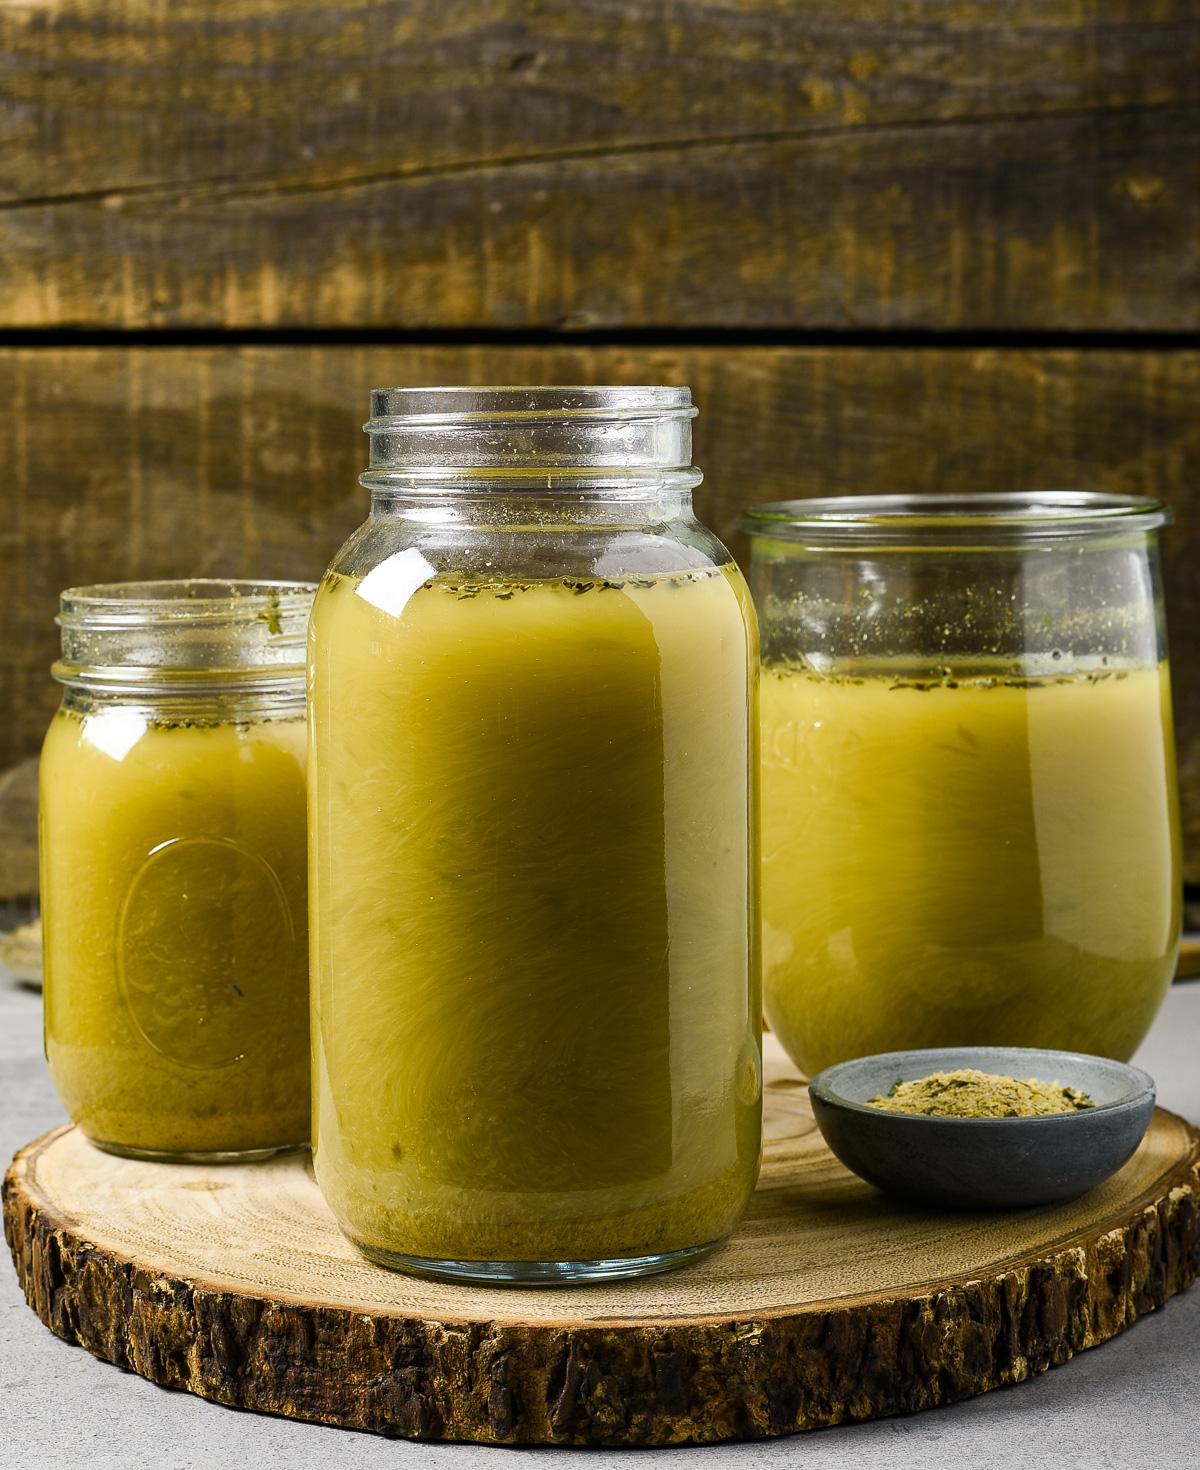 3 jars of homemade vegetable stock.